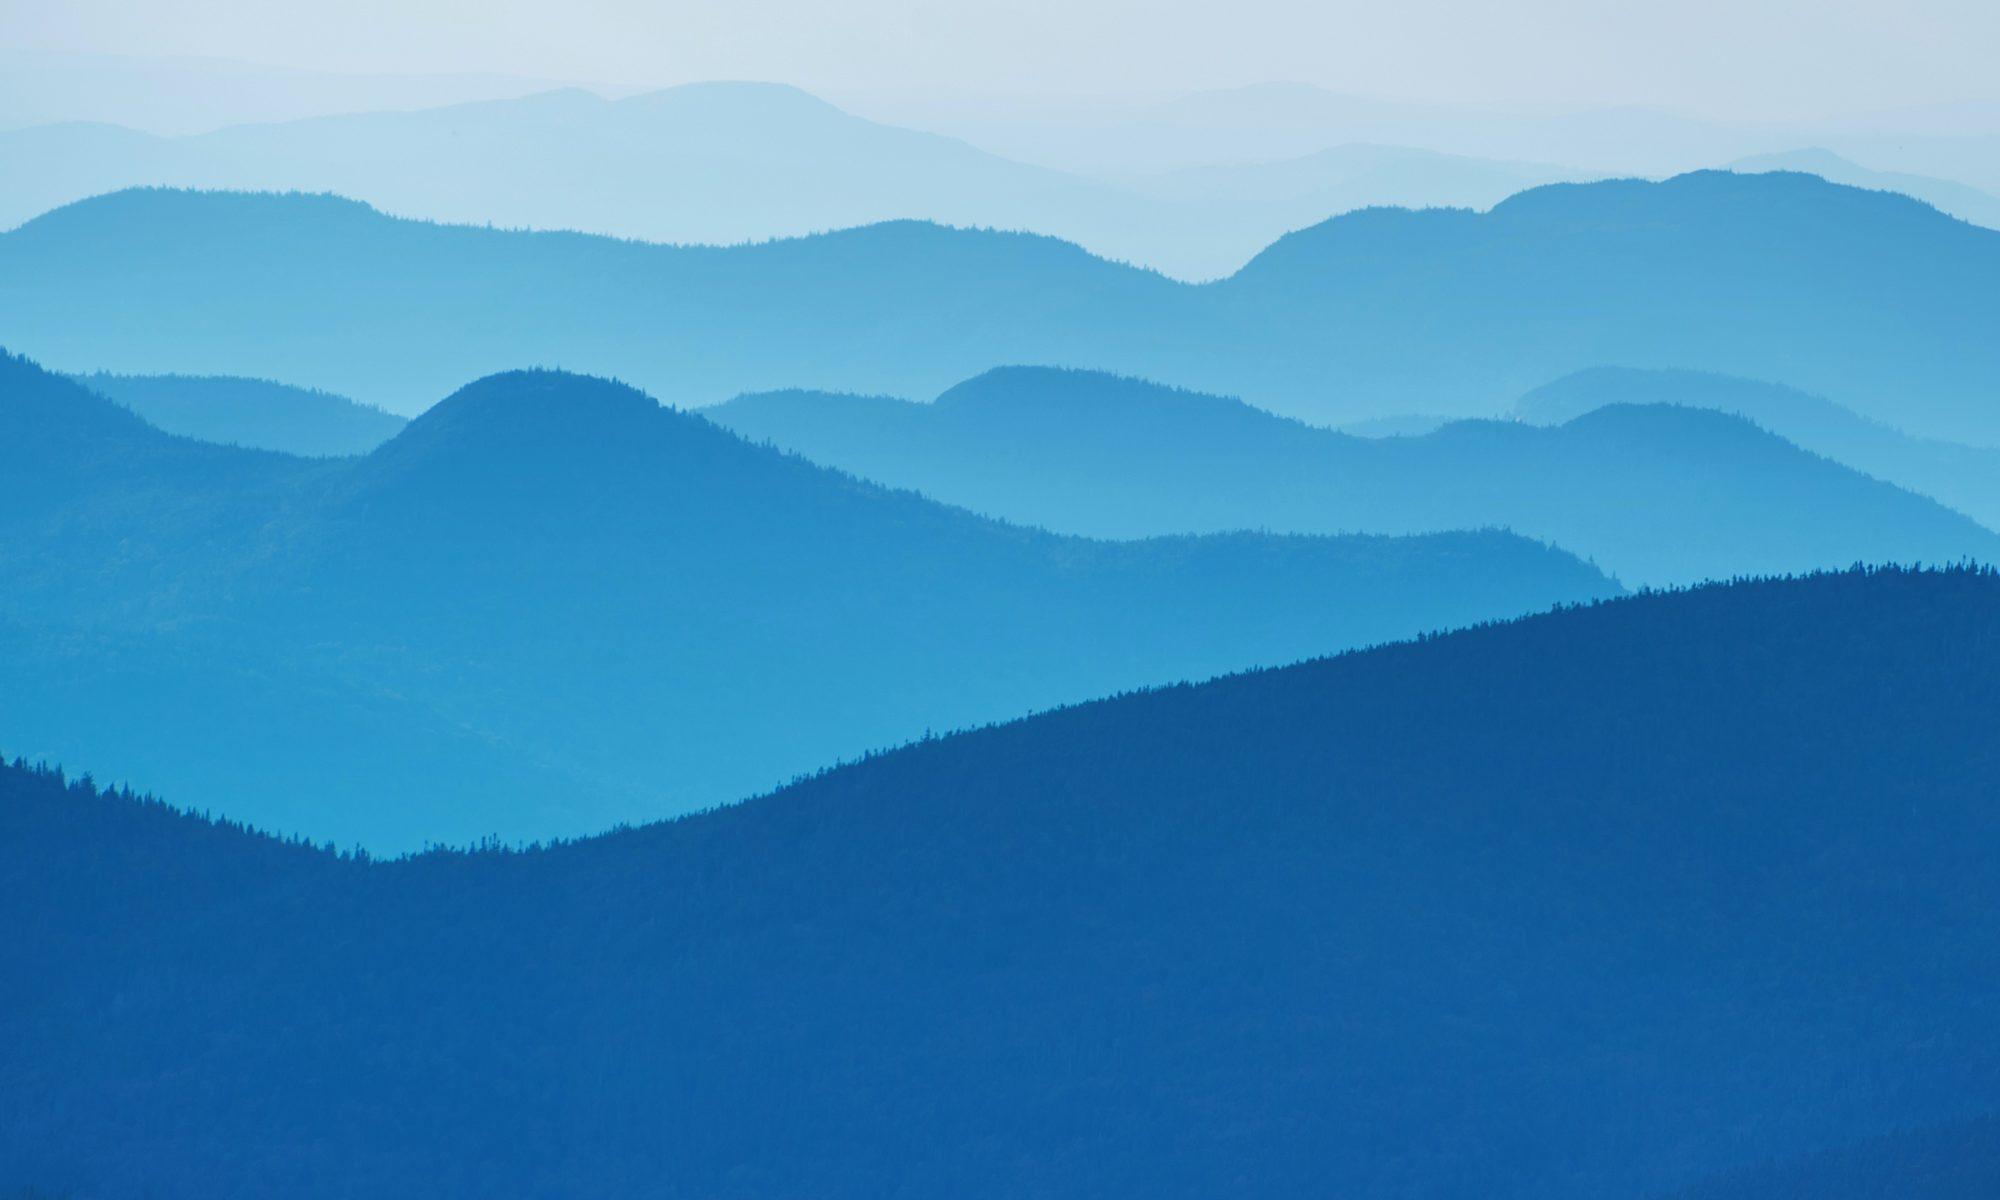 Kuvituskuva sinisestä maisemasta. Maiseman aaltomaiset muodot samanlaiset kuin Mediakasvatuslinjausten kannessa